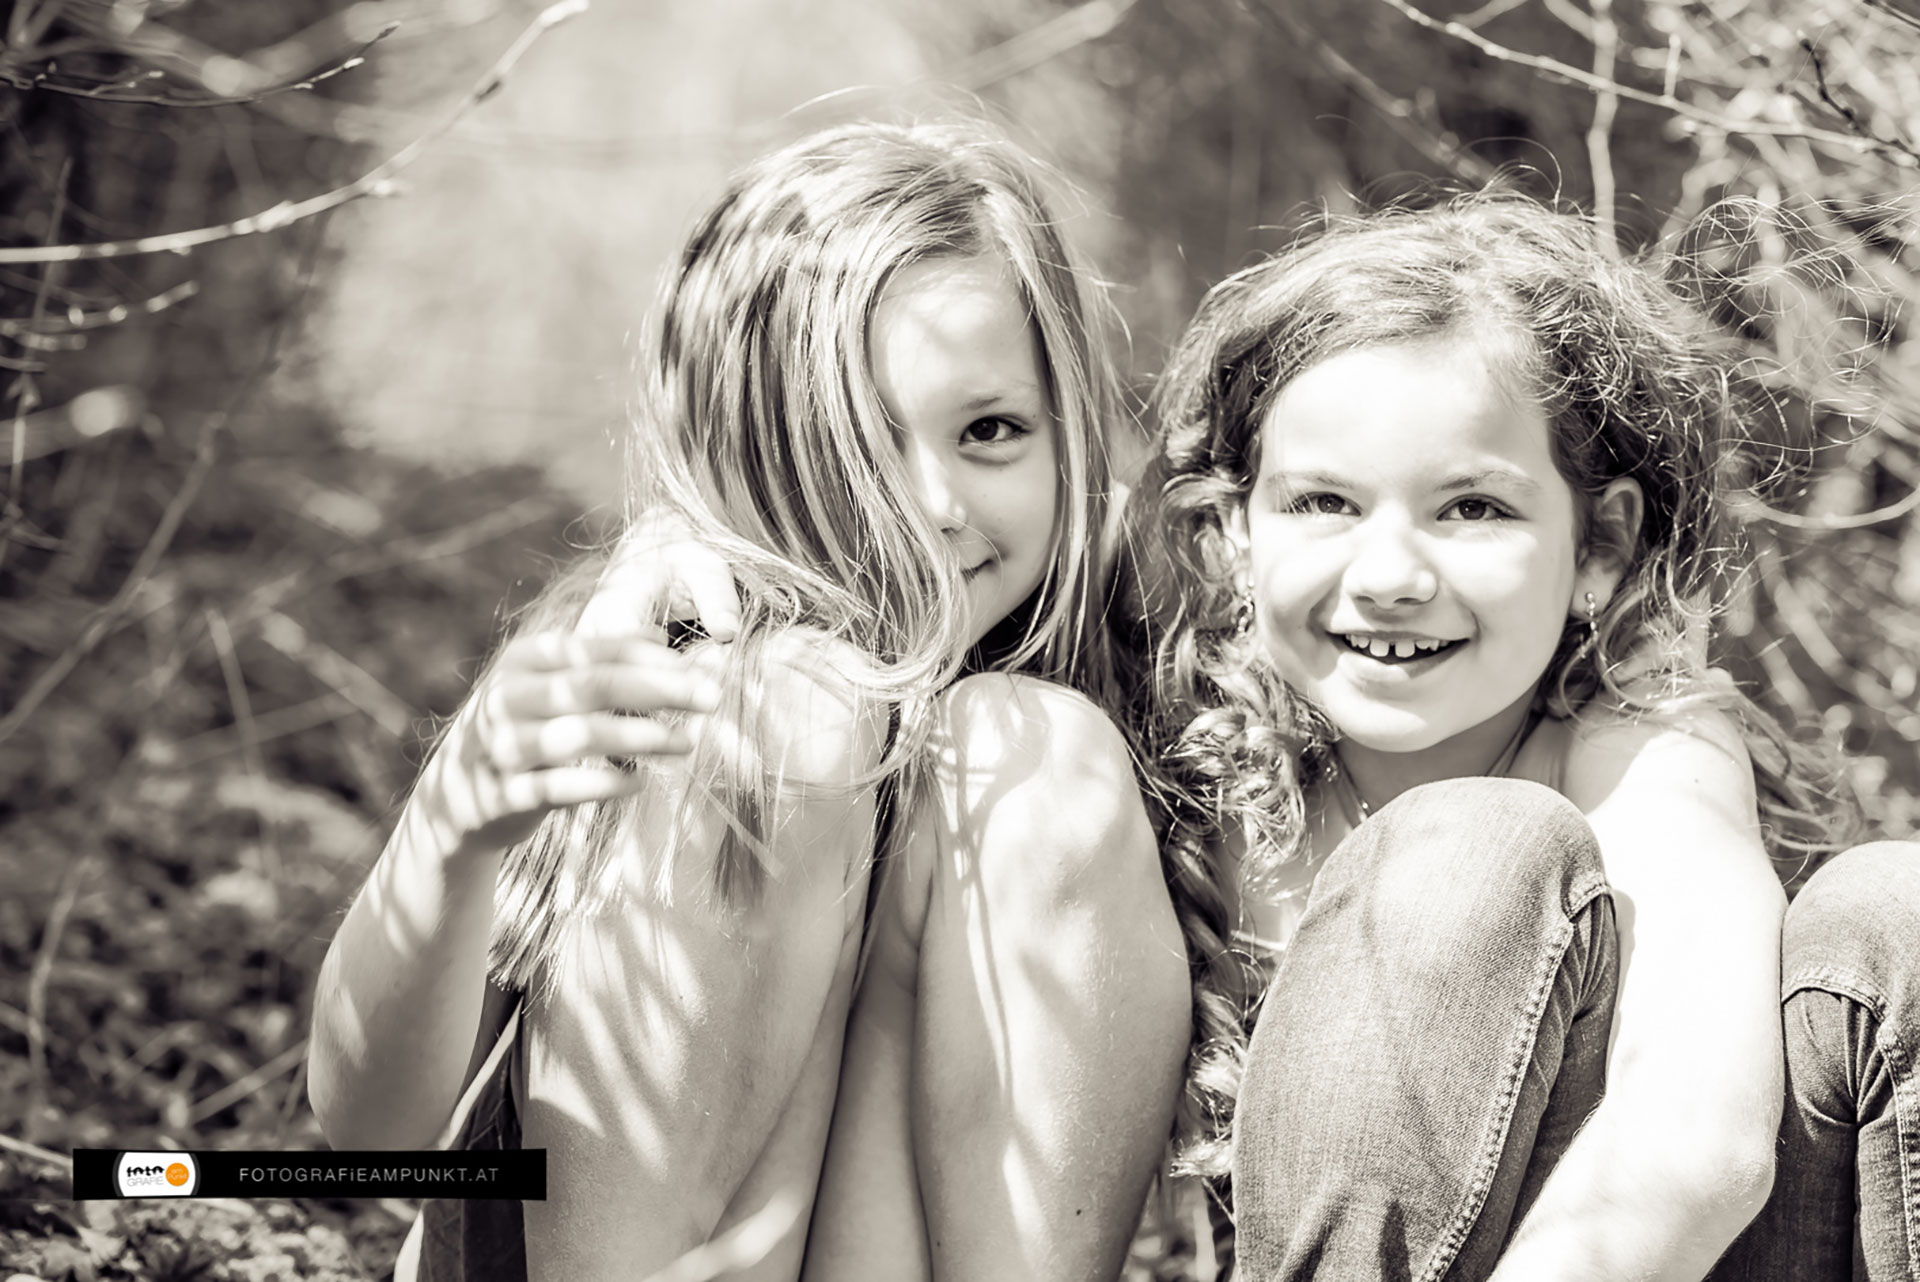 Kinder - Fotografie am Punkt